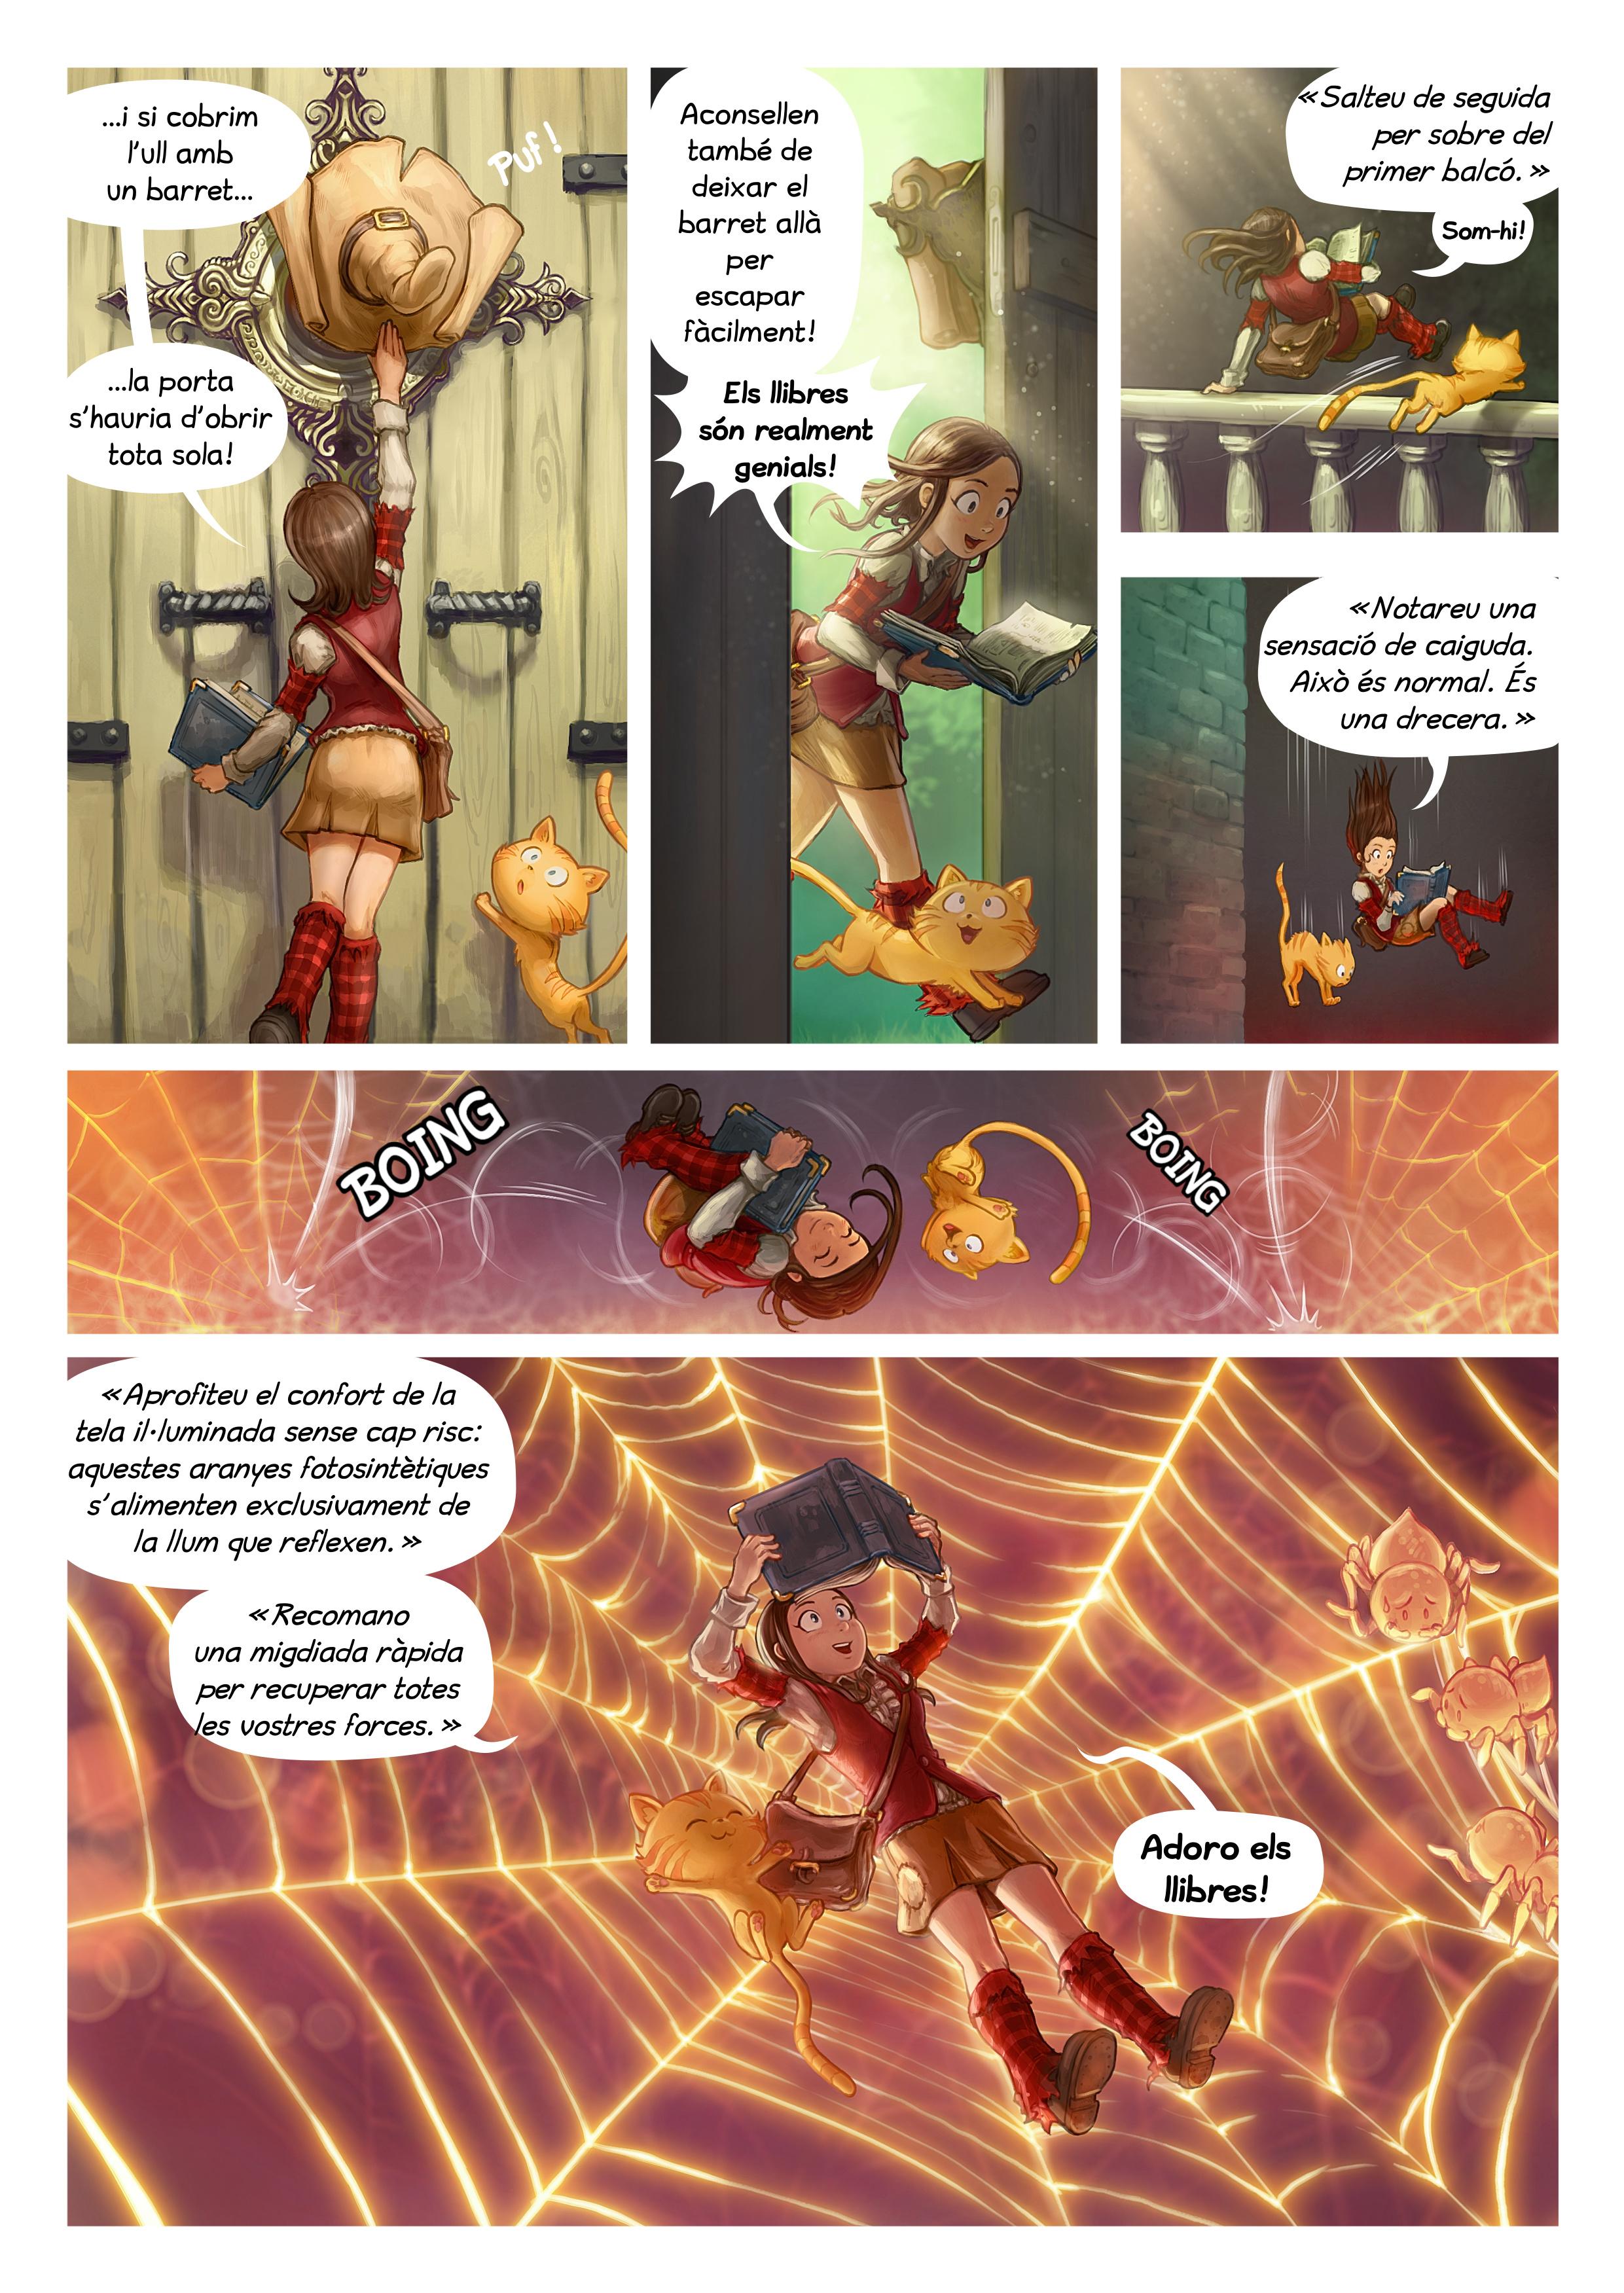 Episodi 26 : Els llibres són genials, Page 2